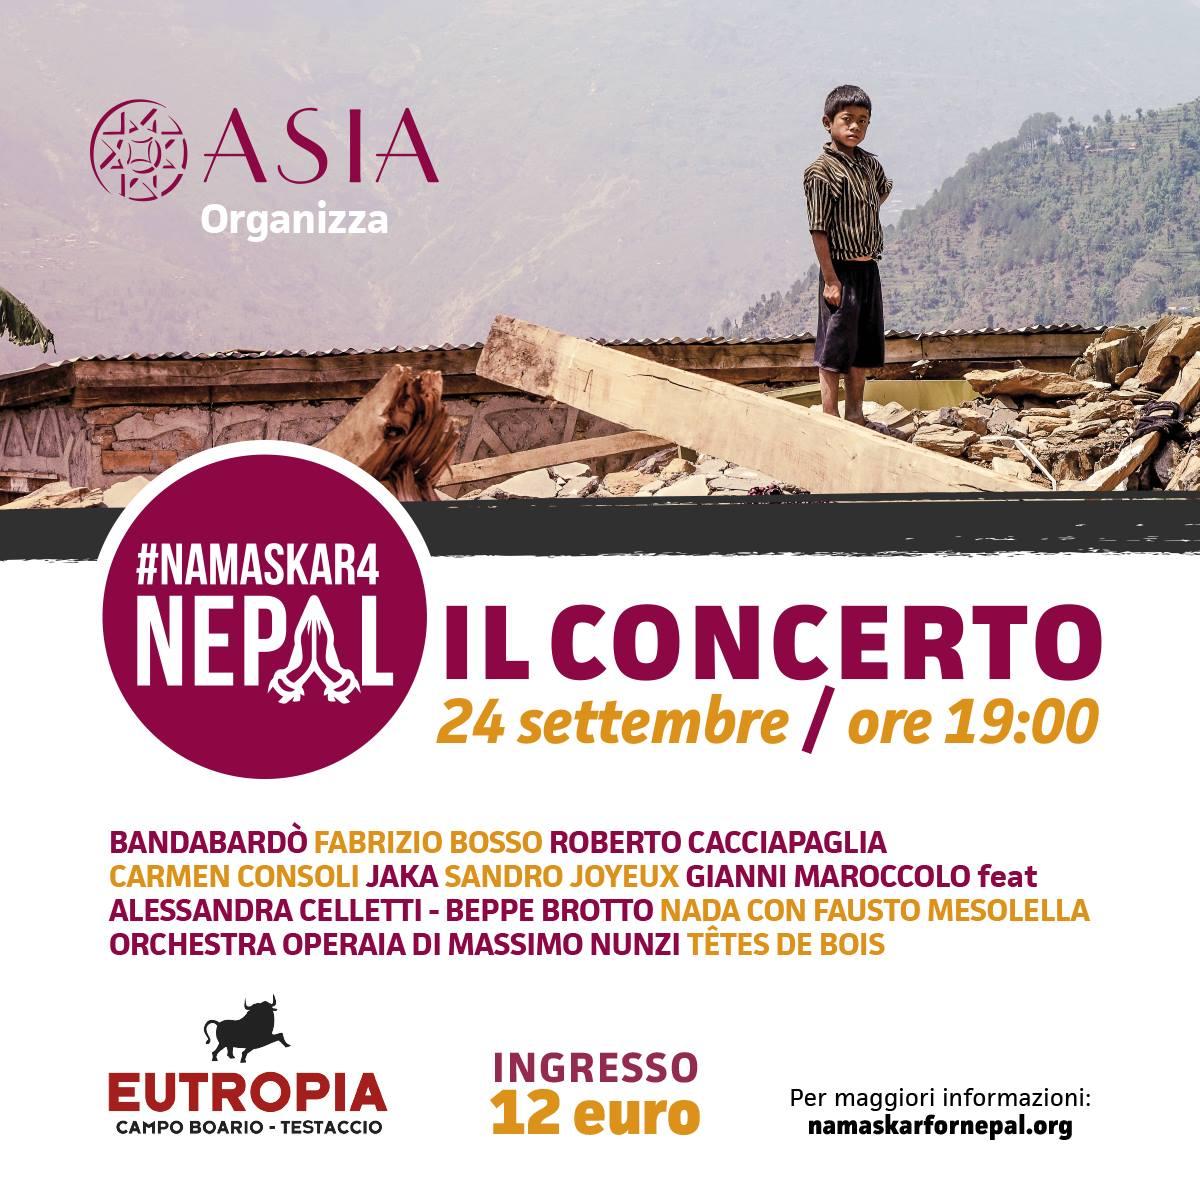 ROMA 24 Settembre Eutropia.. ASIA onlus for Nepal- Operaia featuring Fabrizio Bosso